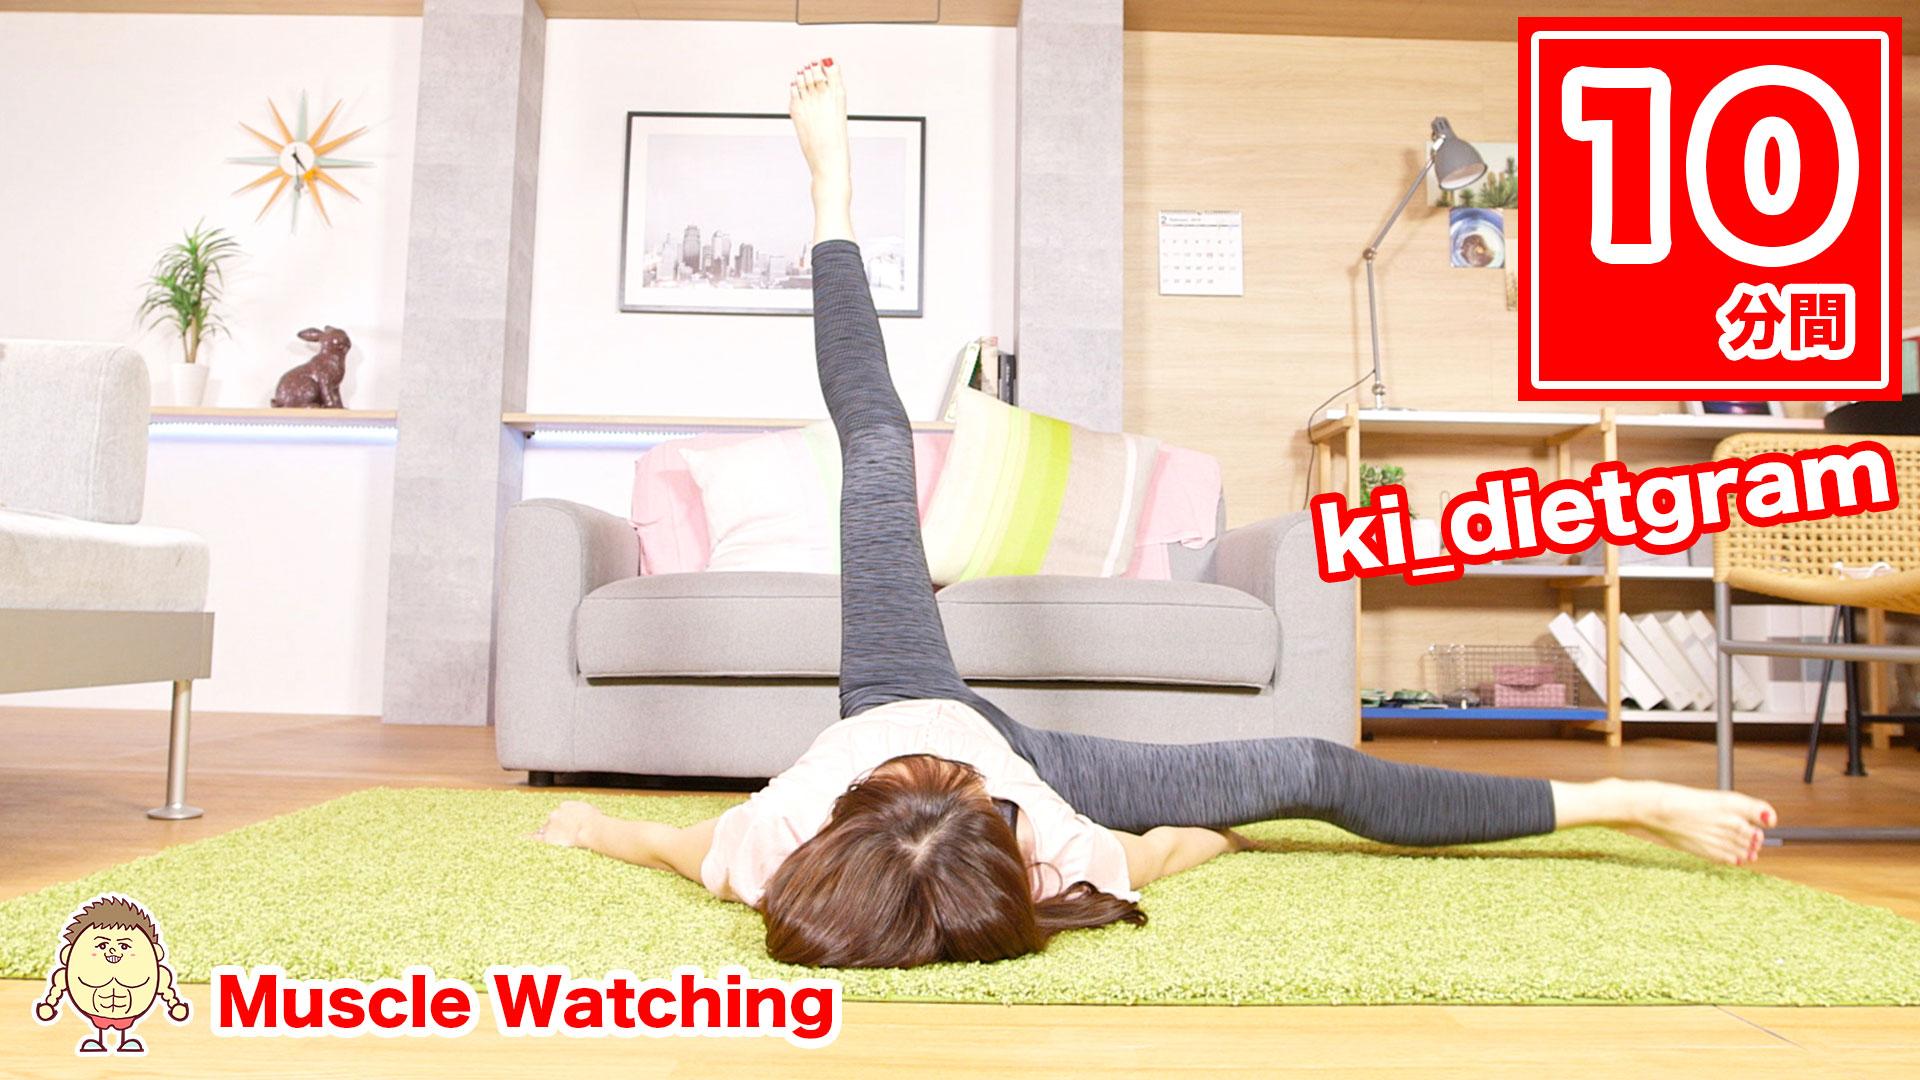 私の太ももが13cm細くなった寝たまま楽やせ足パカのやり方を一挙公開します!全部無料です! | Muscle Watching × ki_dietgram